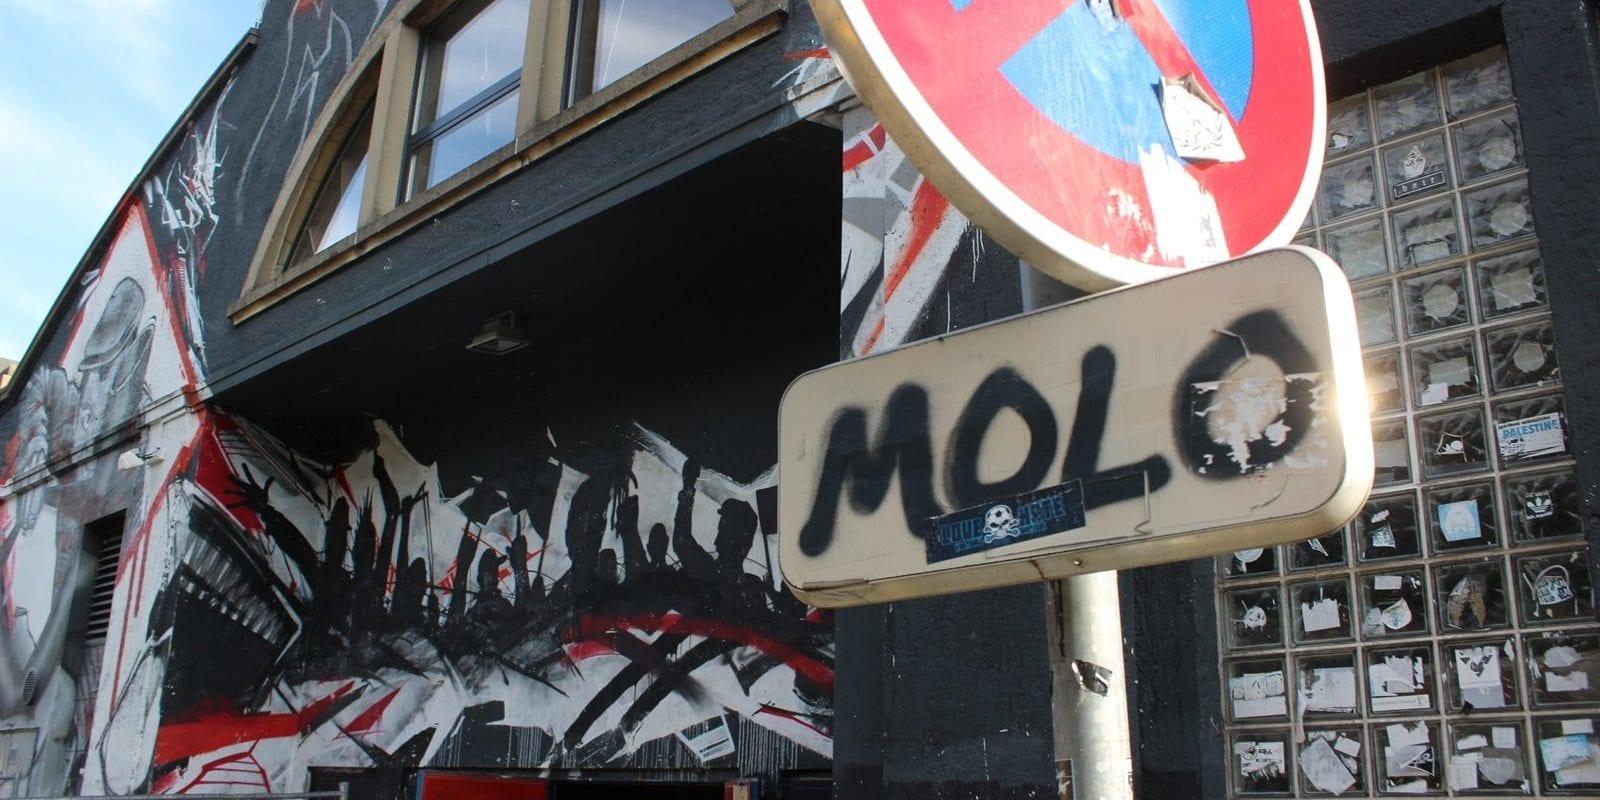 Rénovée, la salle alternative du Molodoï repart pour 20 piges